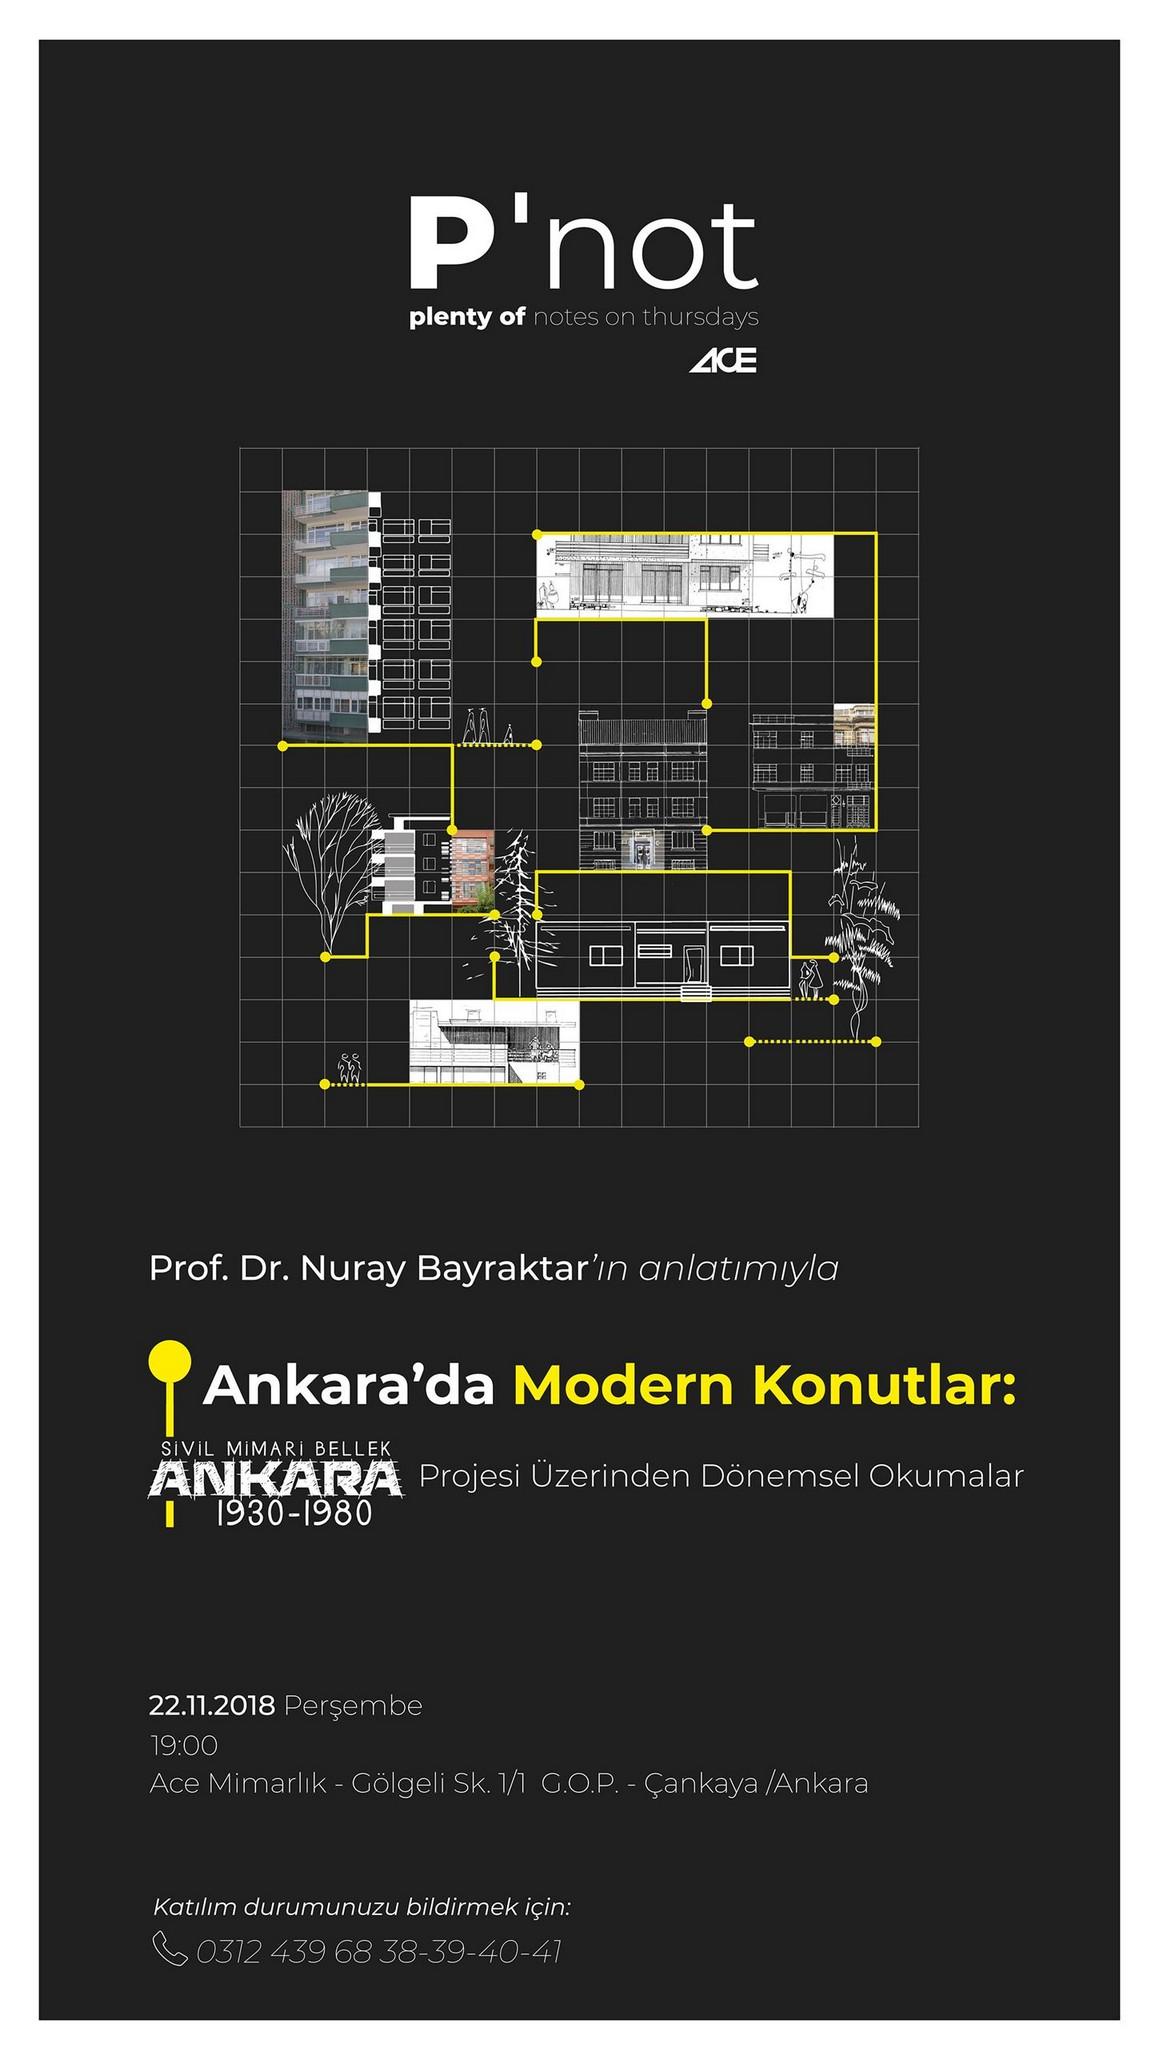 Ankara'da Modern Konutlar: